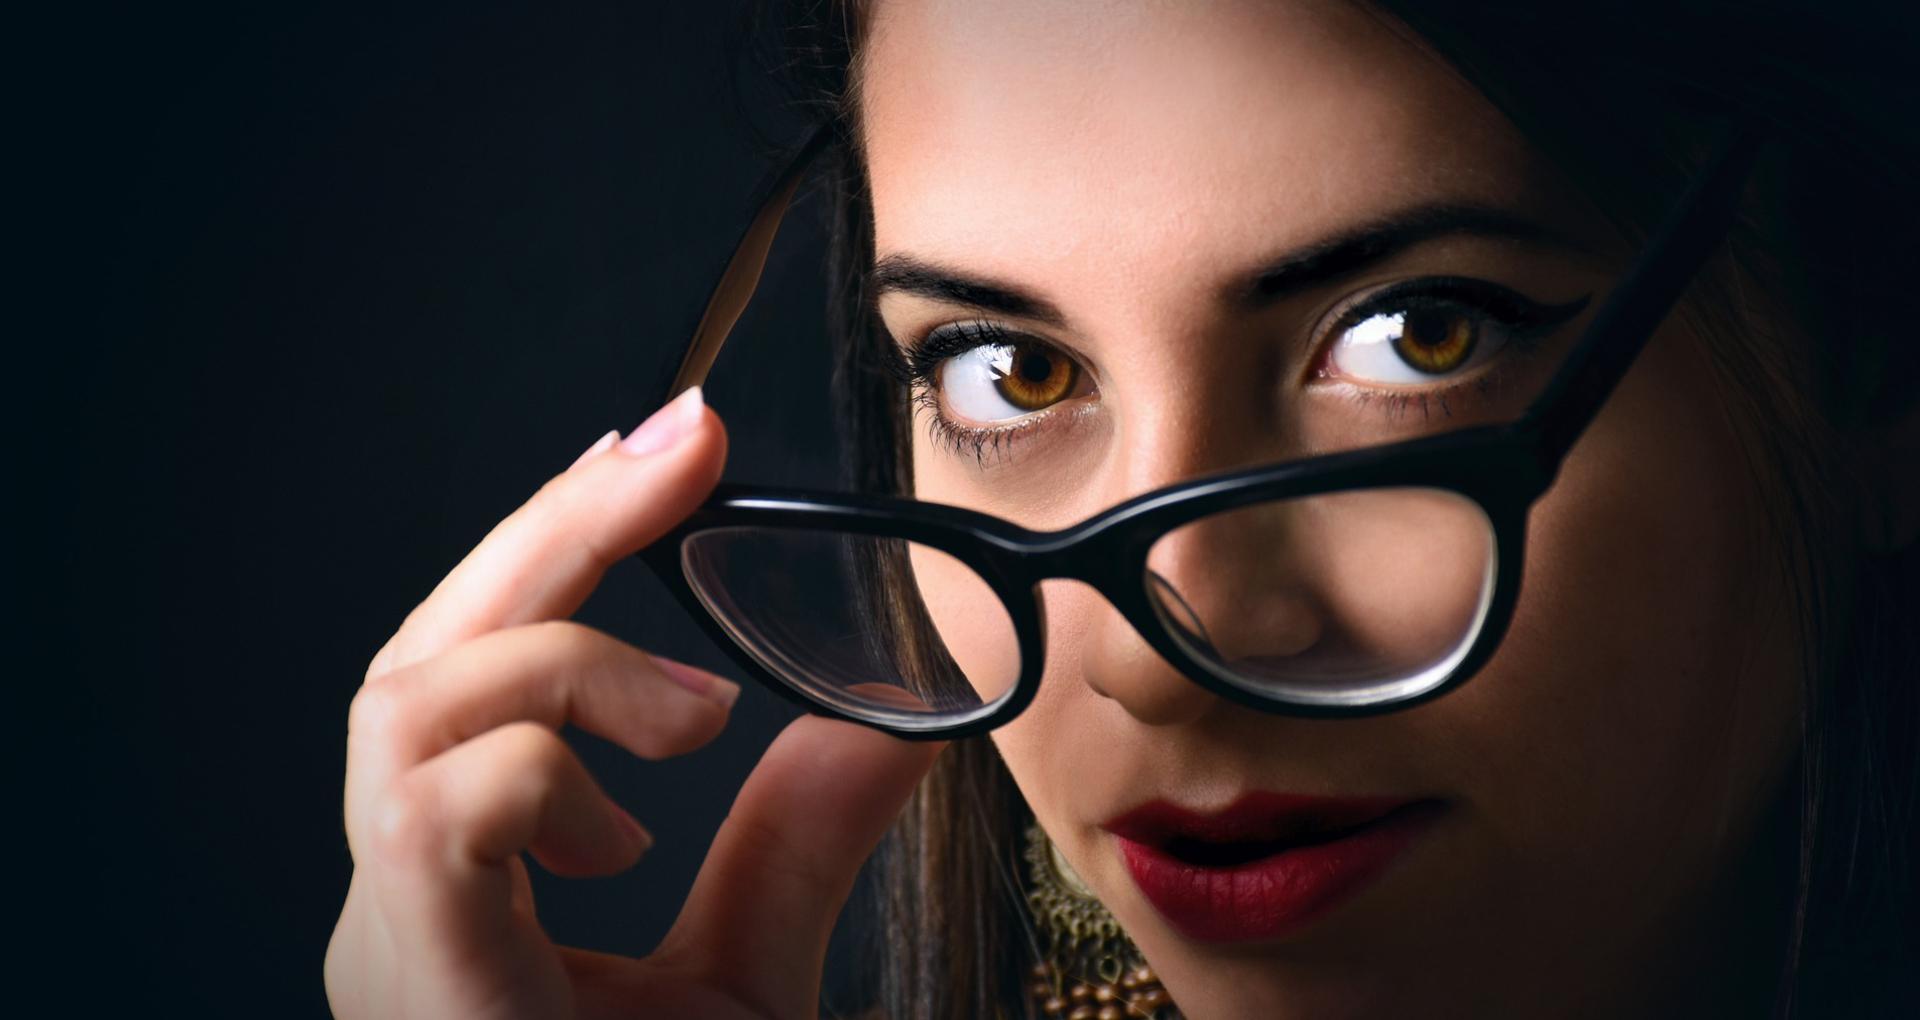 चश्मे से चाहिए छुटकारा, तो हर रोज सुबह उठते ही दो मिनट में करें ये काम, बढ़ जाएगी आंखों की रोशनी